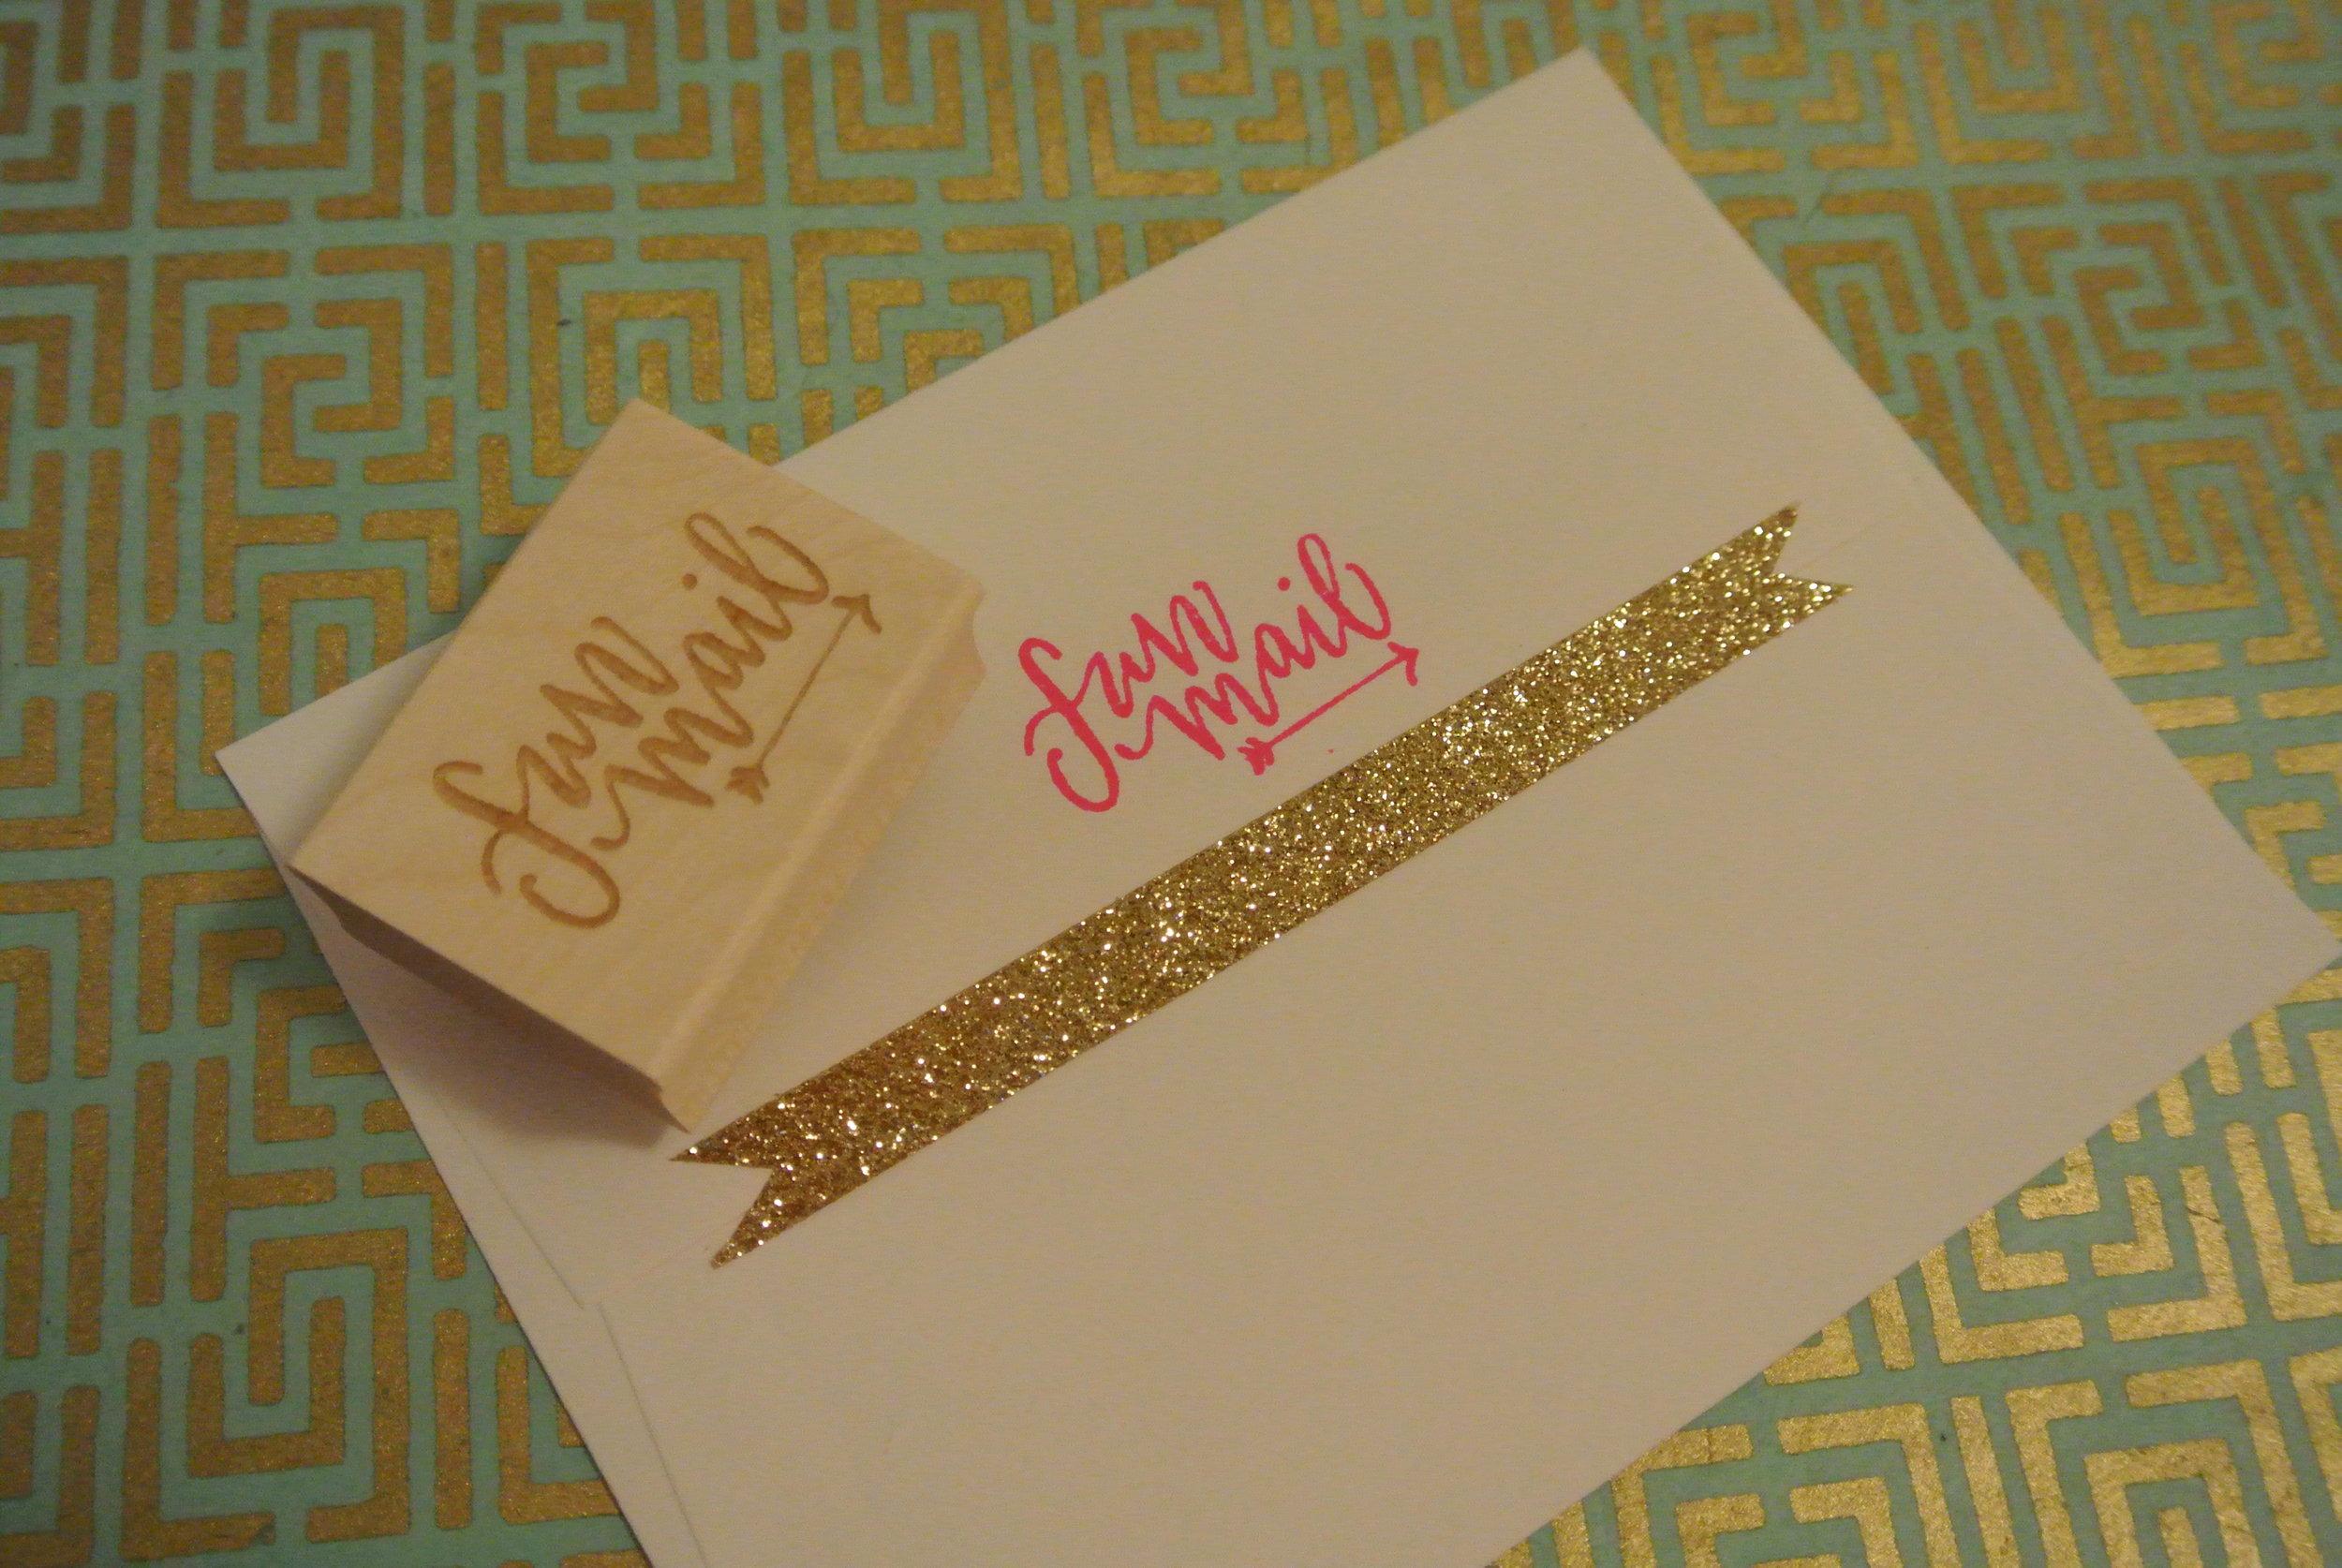 fun mail stamp on envelope